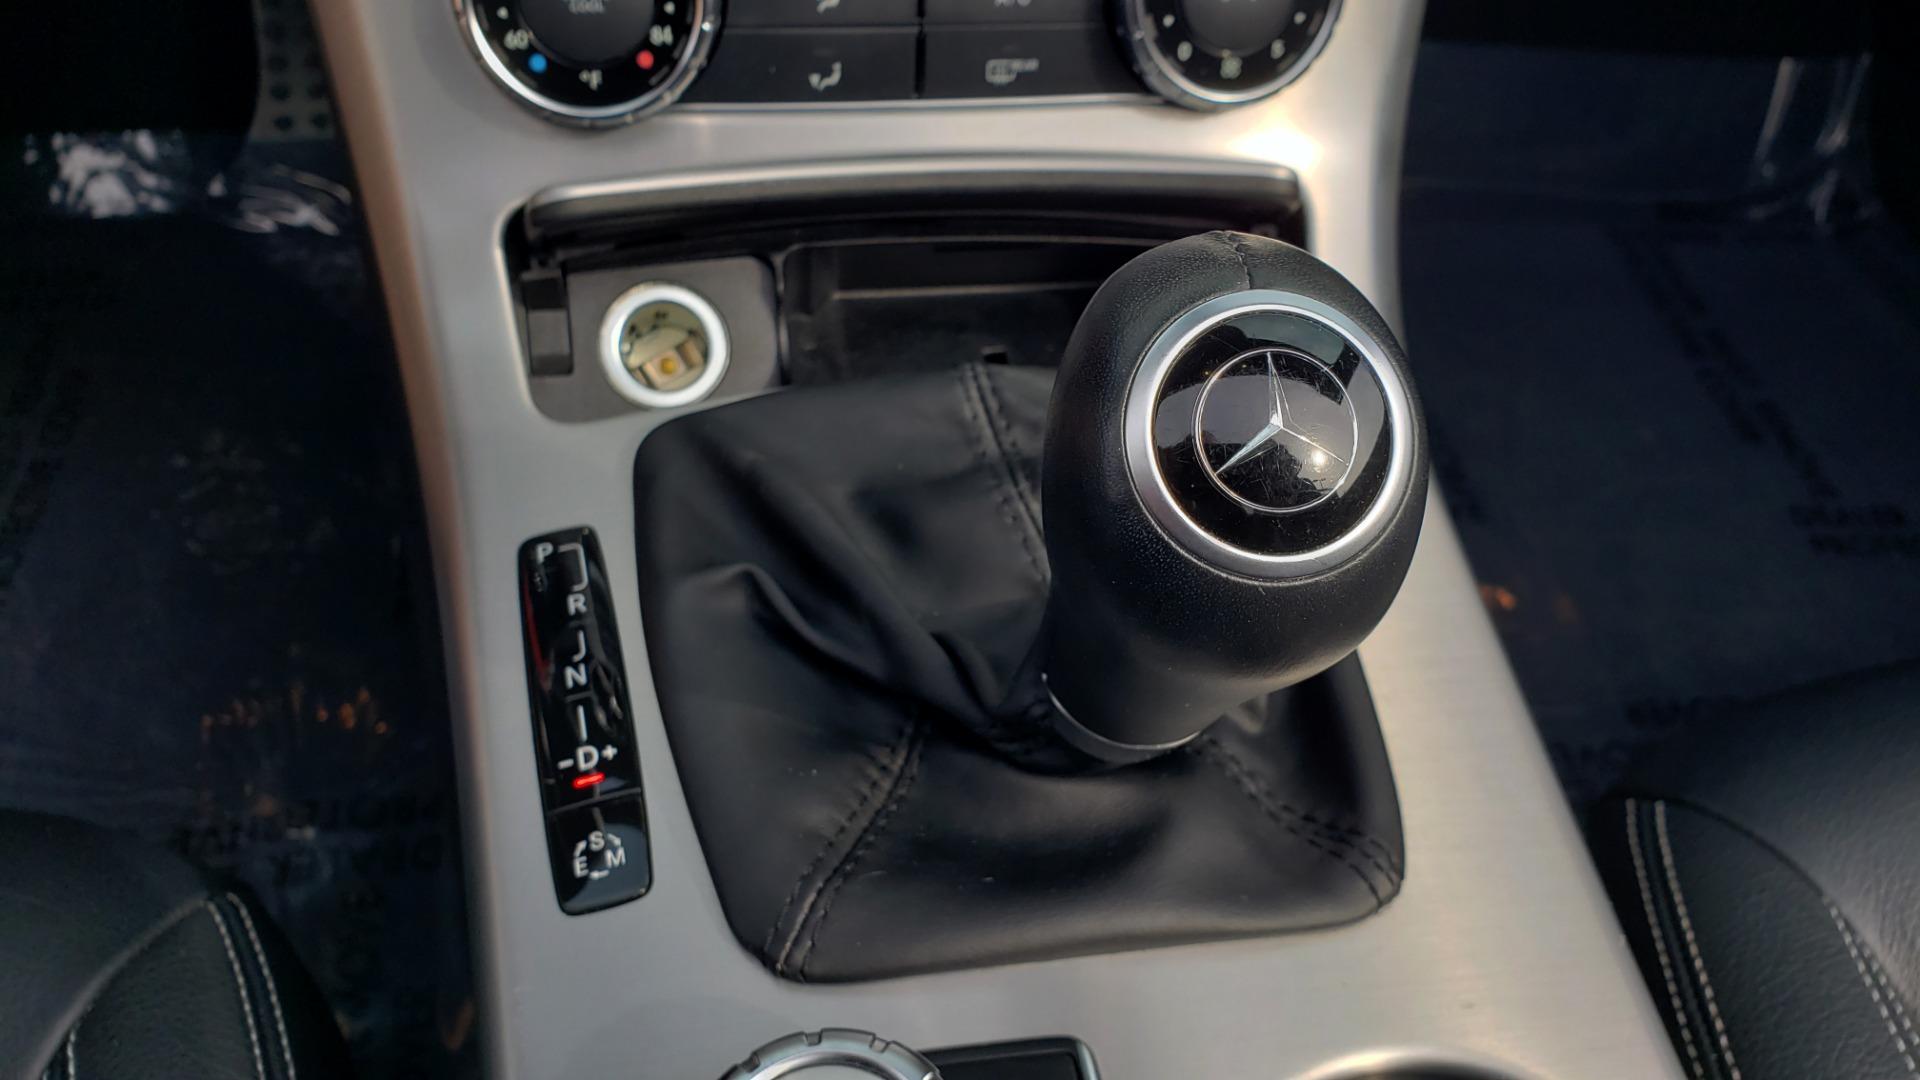 Used 2012 Mercedes-Benz SLK-CLASS SLK 250 ROADSTER / PREM 1 PKG / COMAND LAUNCH PKG / 7-SPD AUTO for sale $24,995 at Formula Imports in Charlotte NC 28227 30